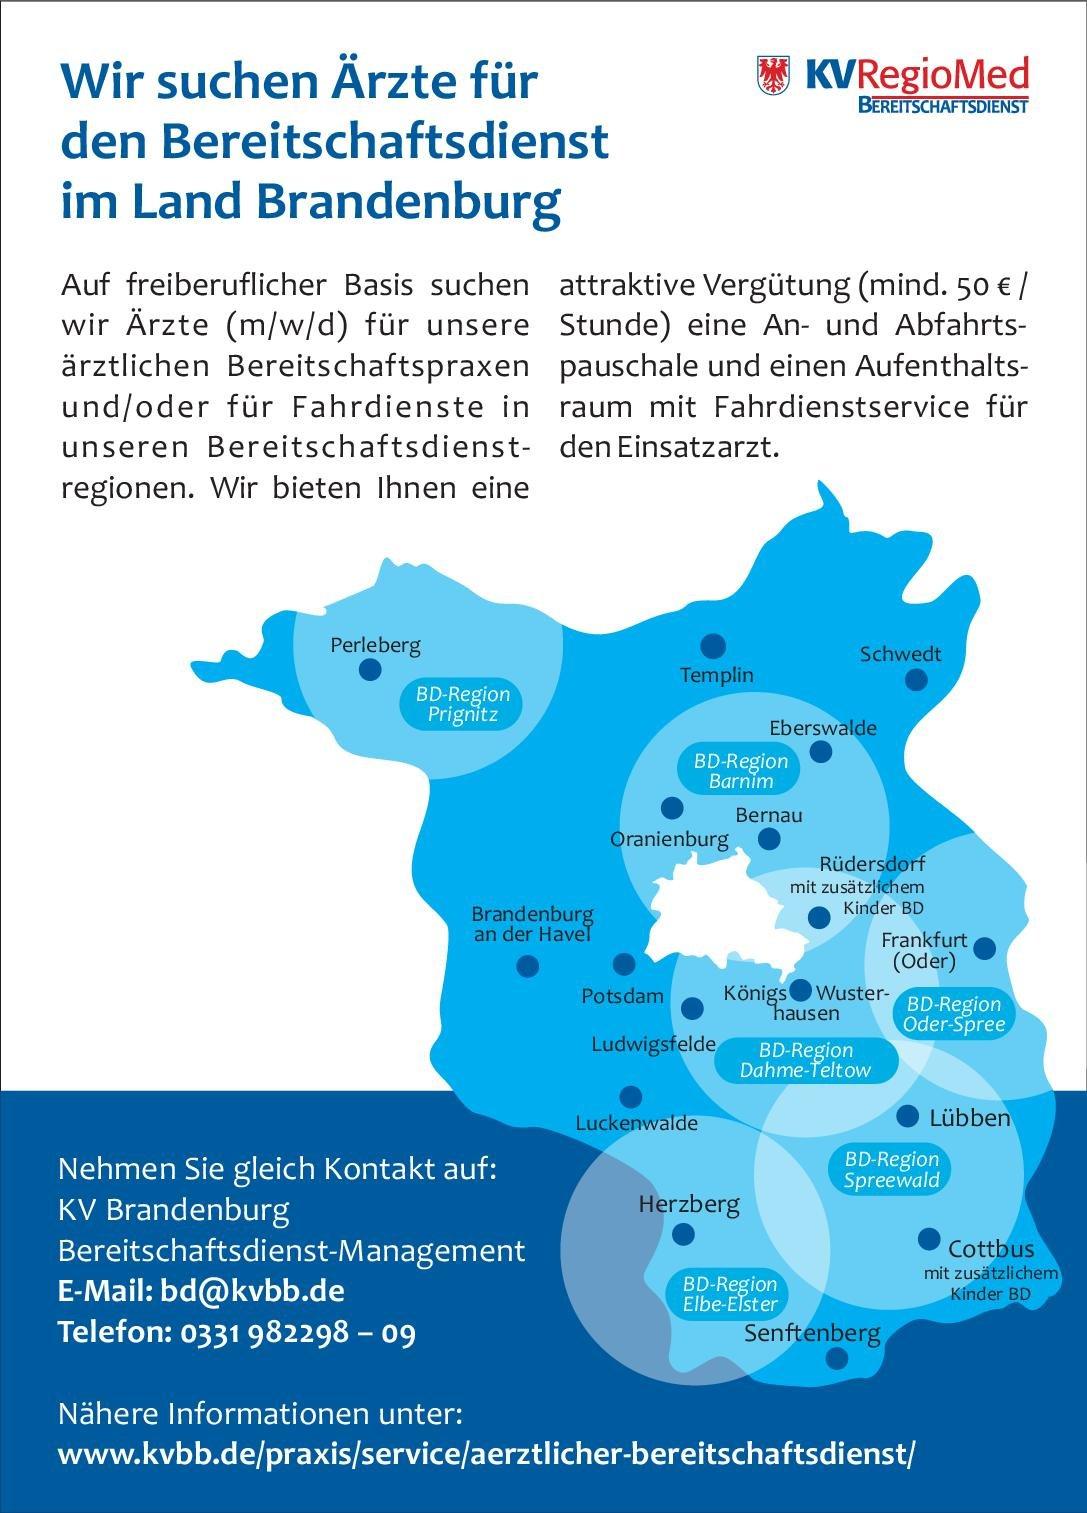 KV Brandenburg Ärzte (m/w/d) für den Bereitschaftsdienst * andere Gebiete, Allgemeinmedizin Arzt / Facharzt